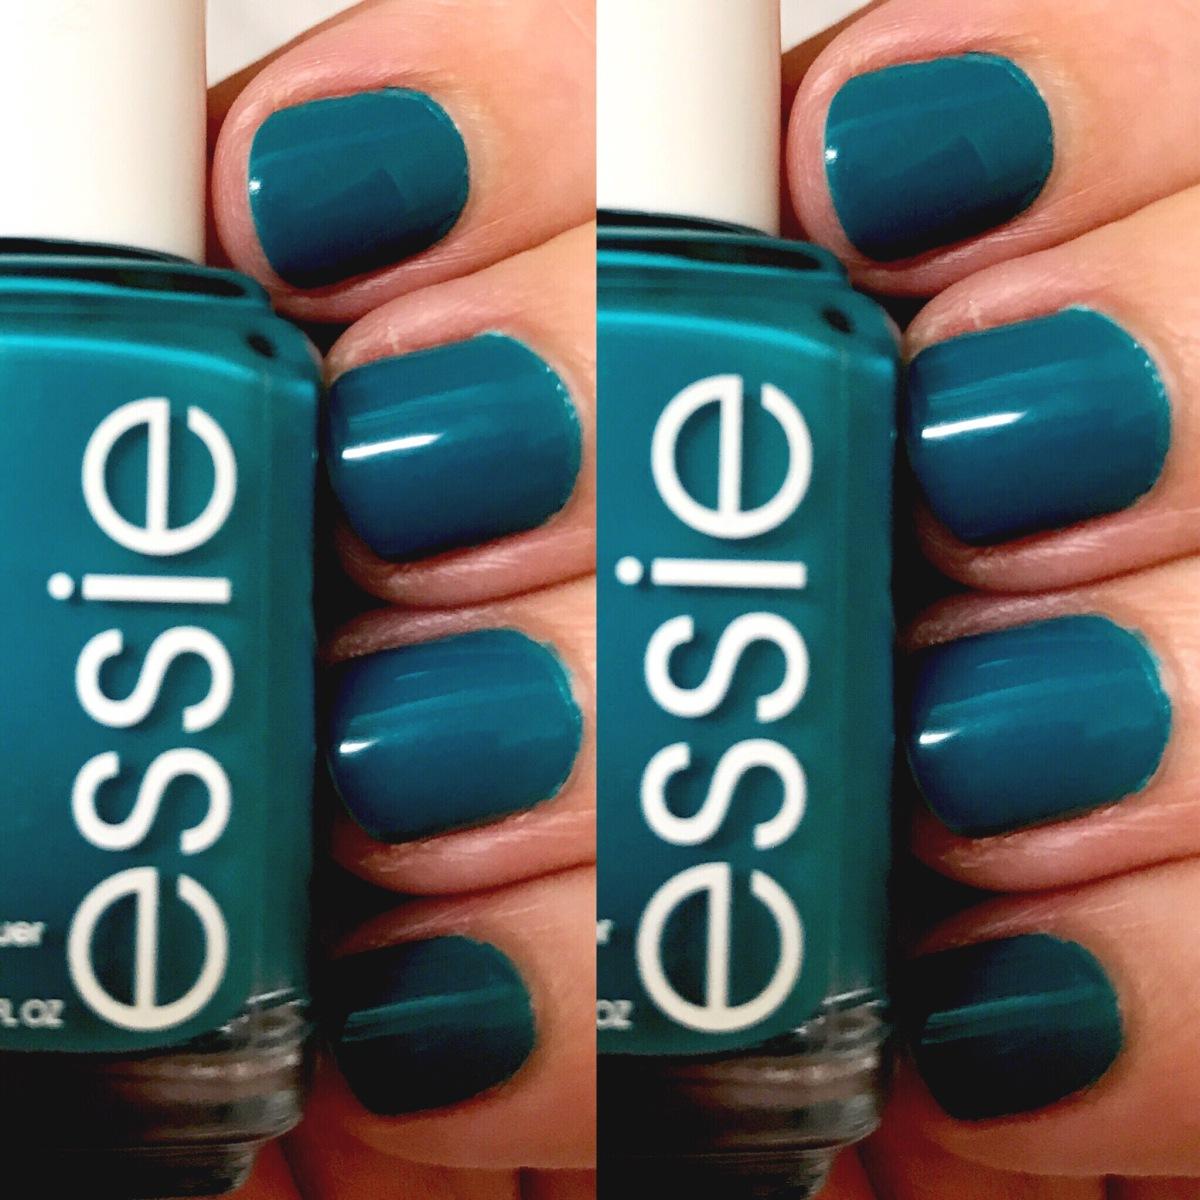 On My Nails | Essie GardenVariety